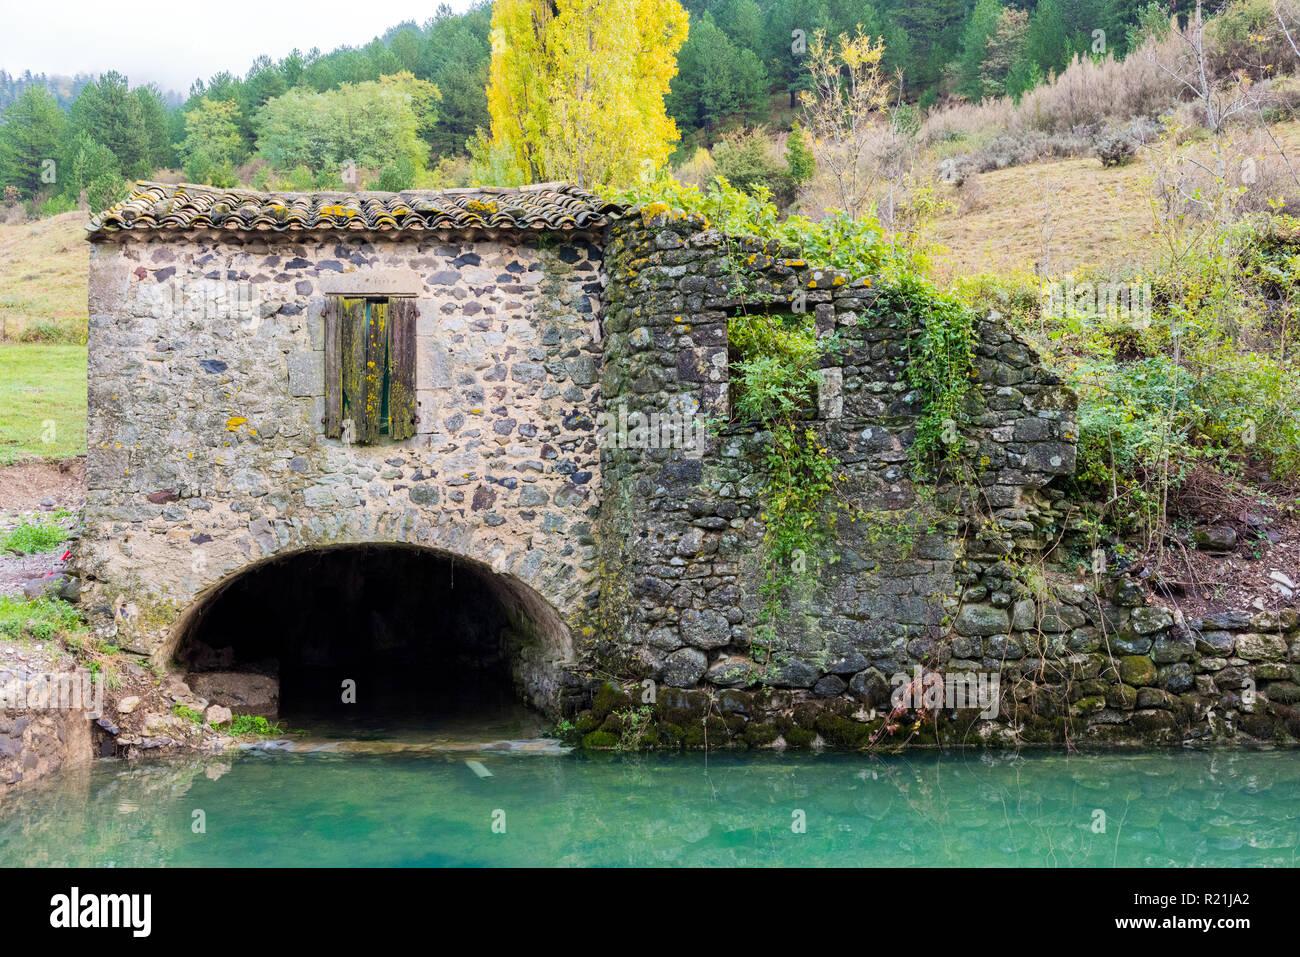 Saint-Etienne-de-Boulogne, Ardèche France - Stock Image